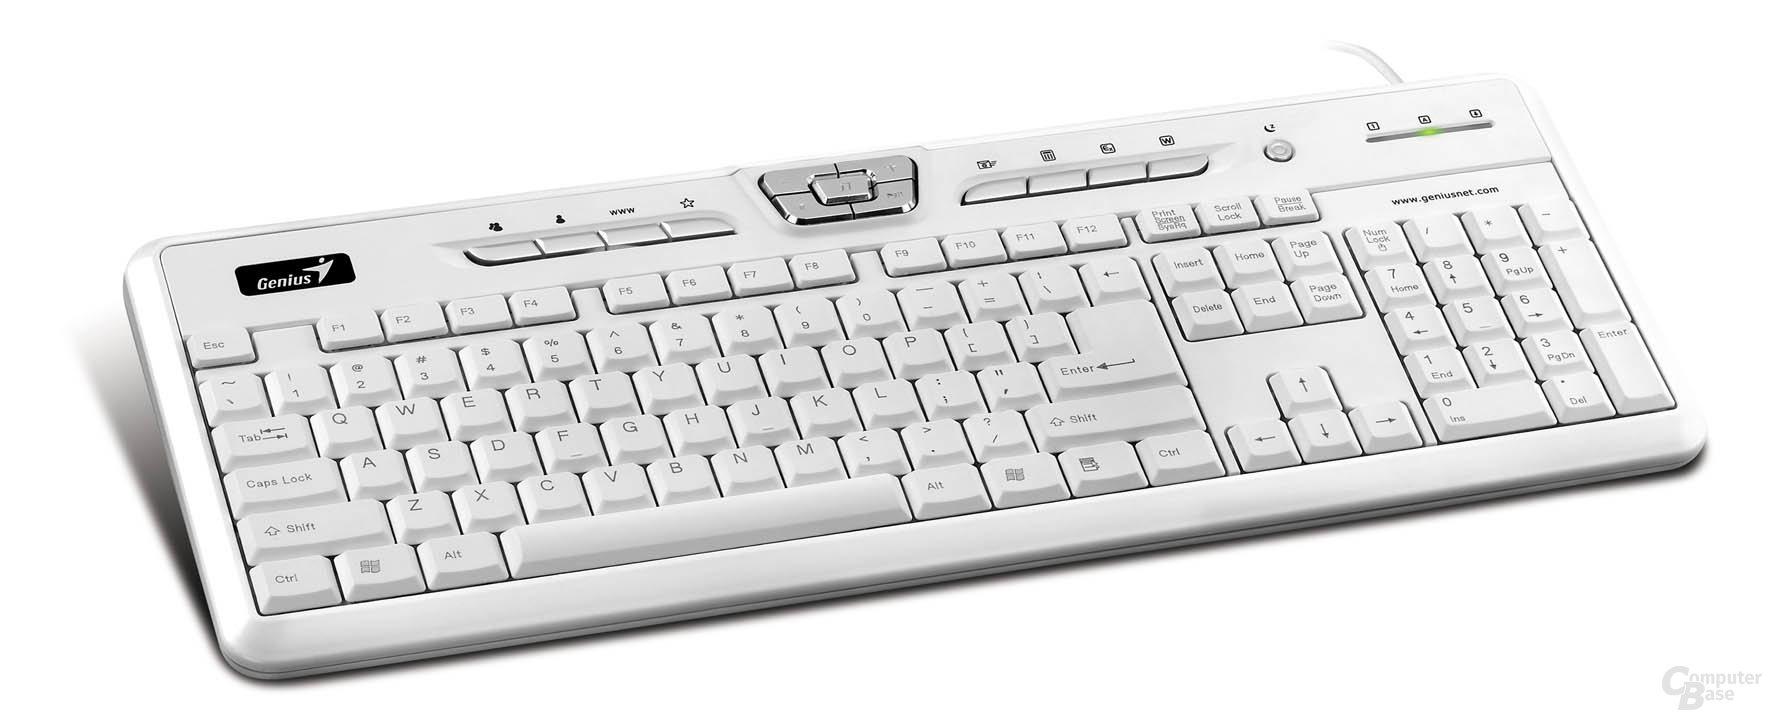 Genius SlimStar 310 white